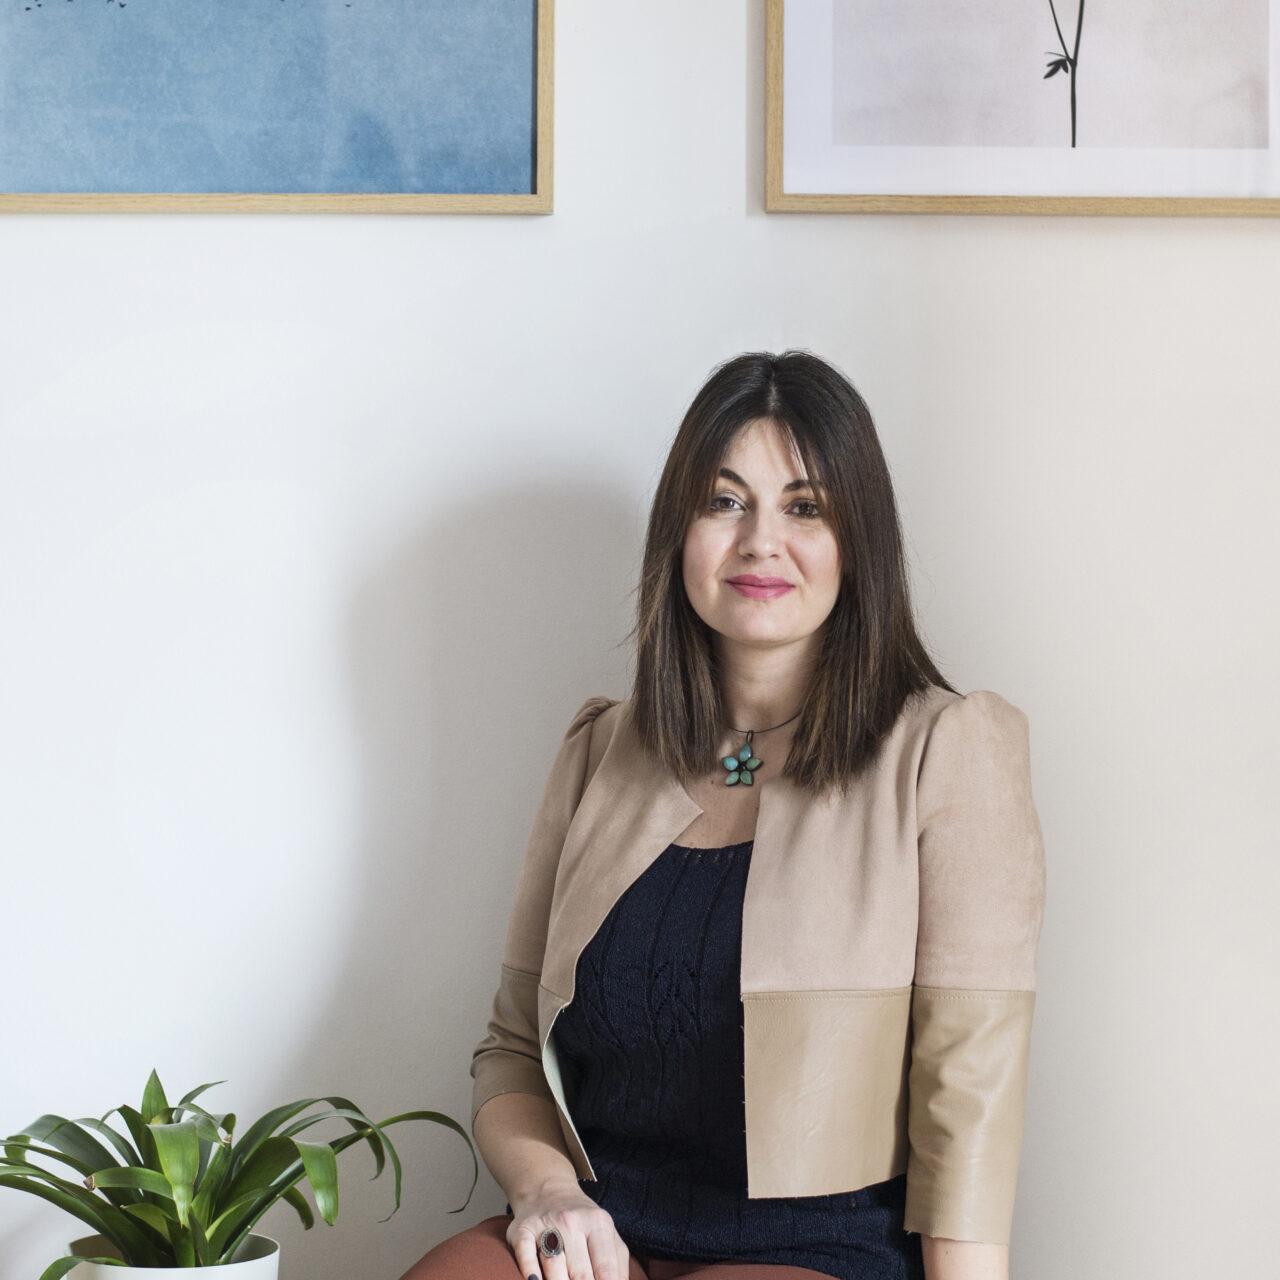 Federica Brindisino - Presidente dell'Associazione Destina Ets